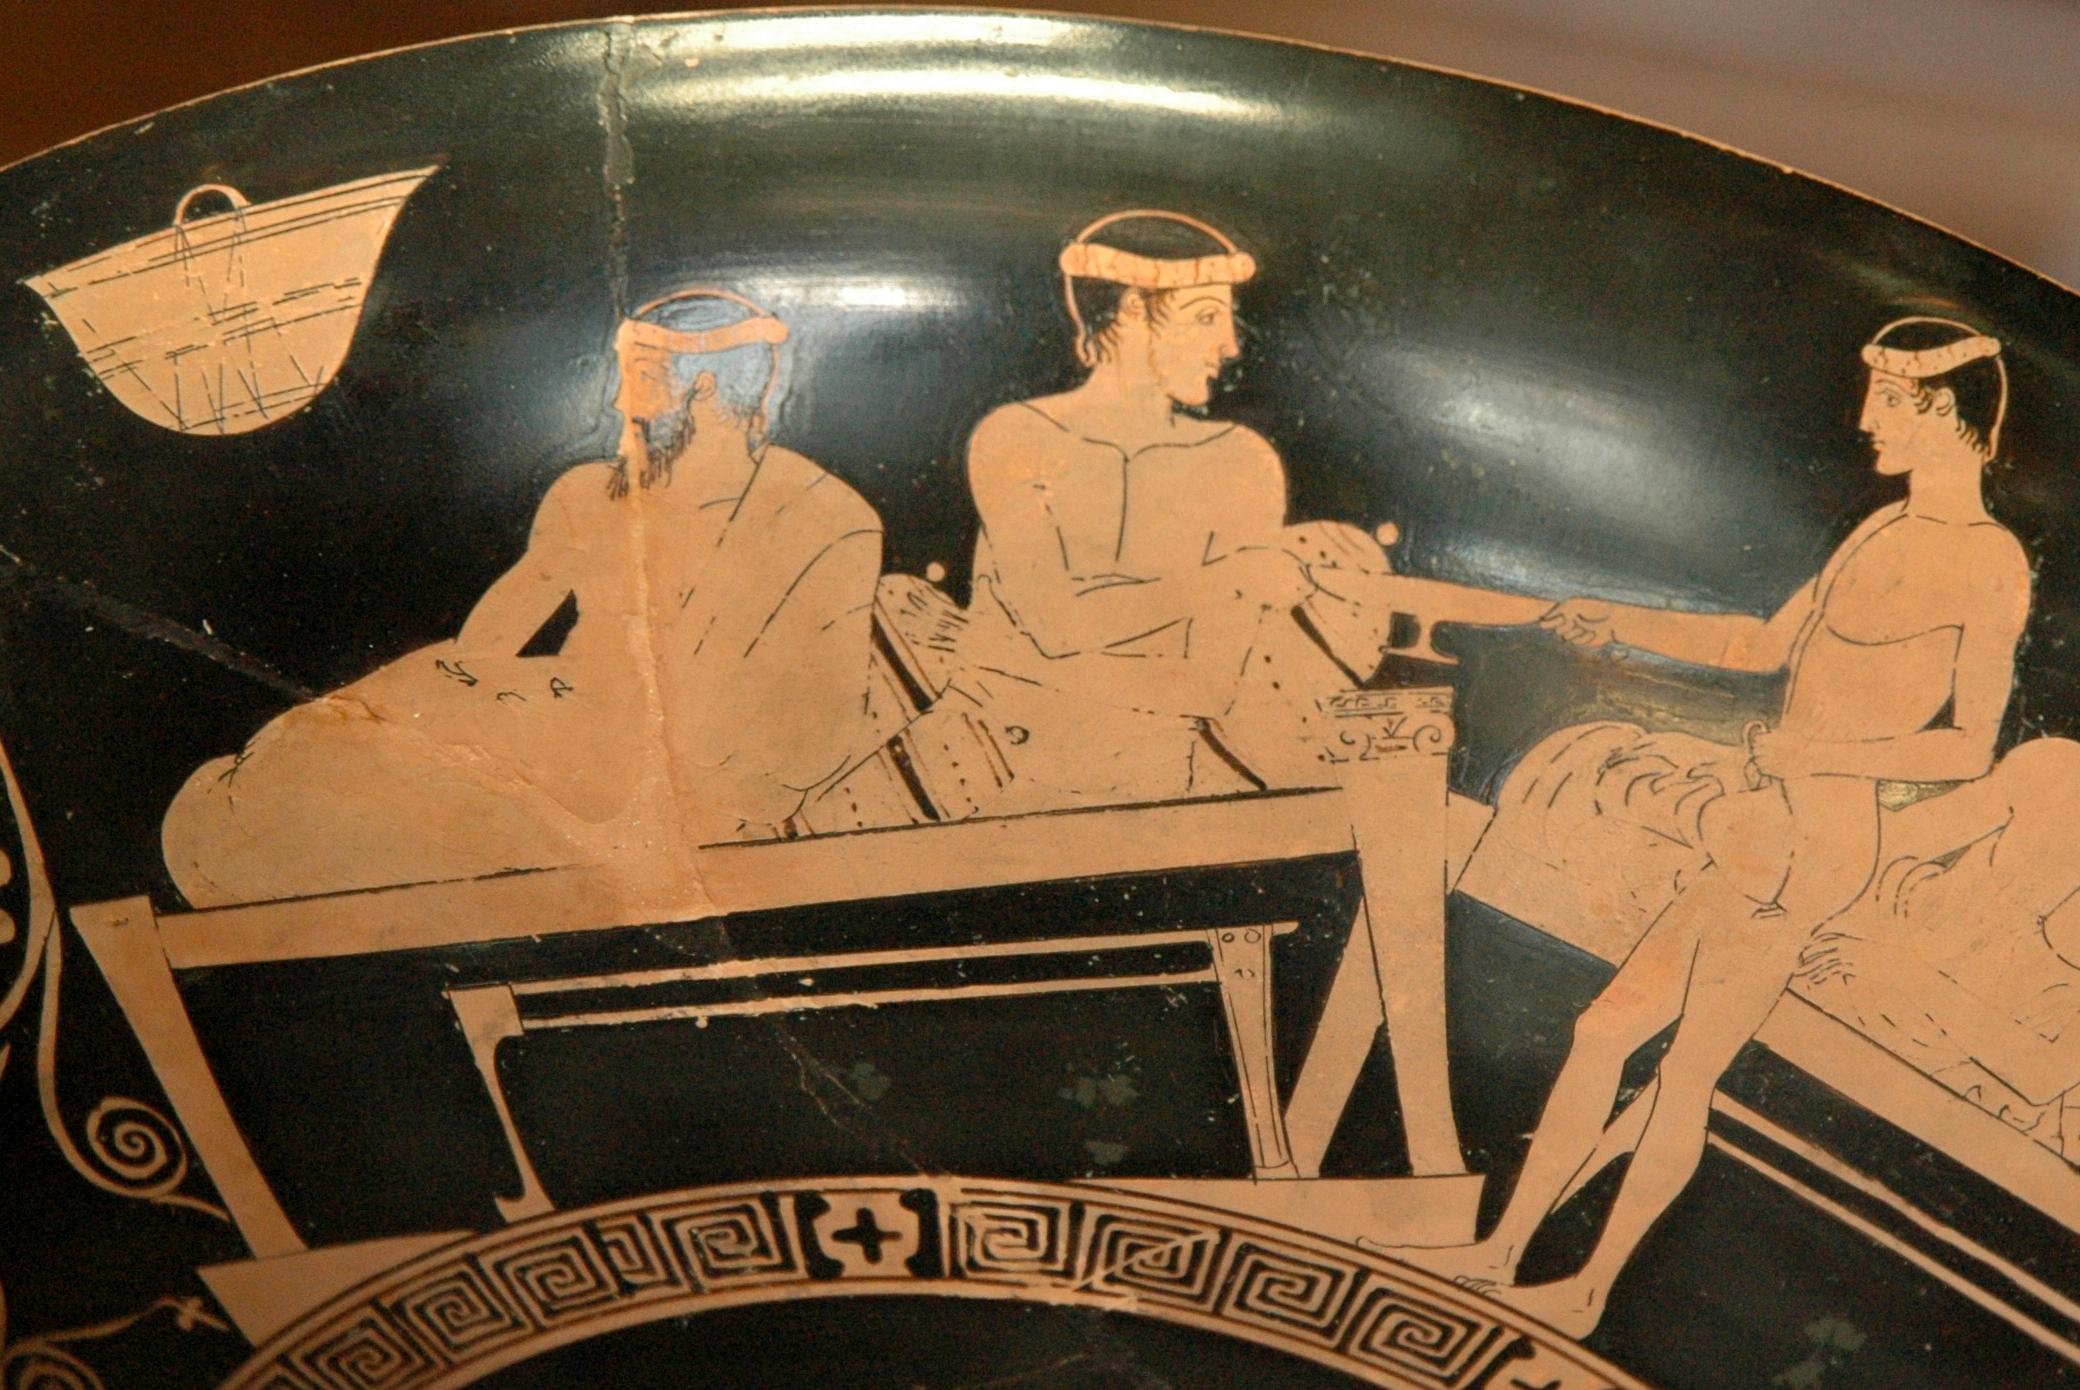 Historia sexual pictoral del mundo antiguo